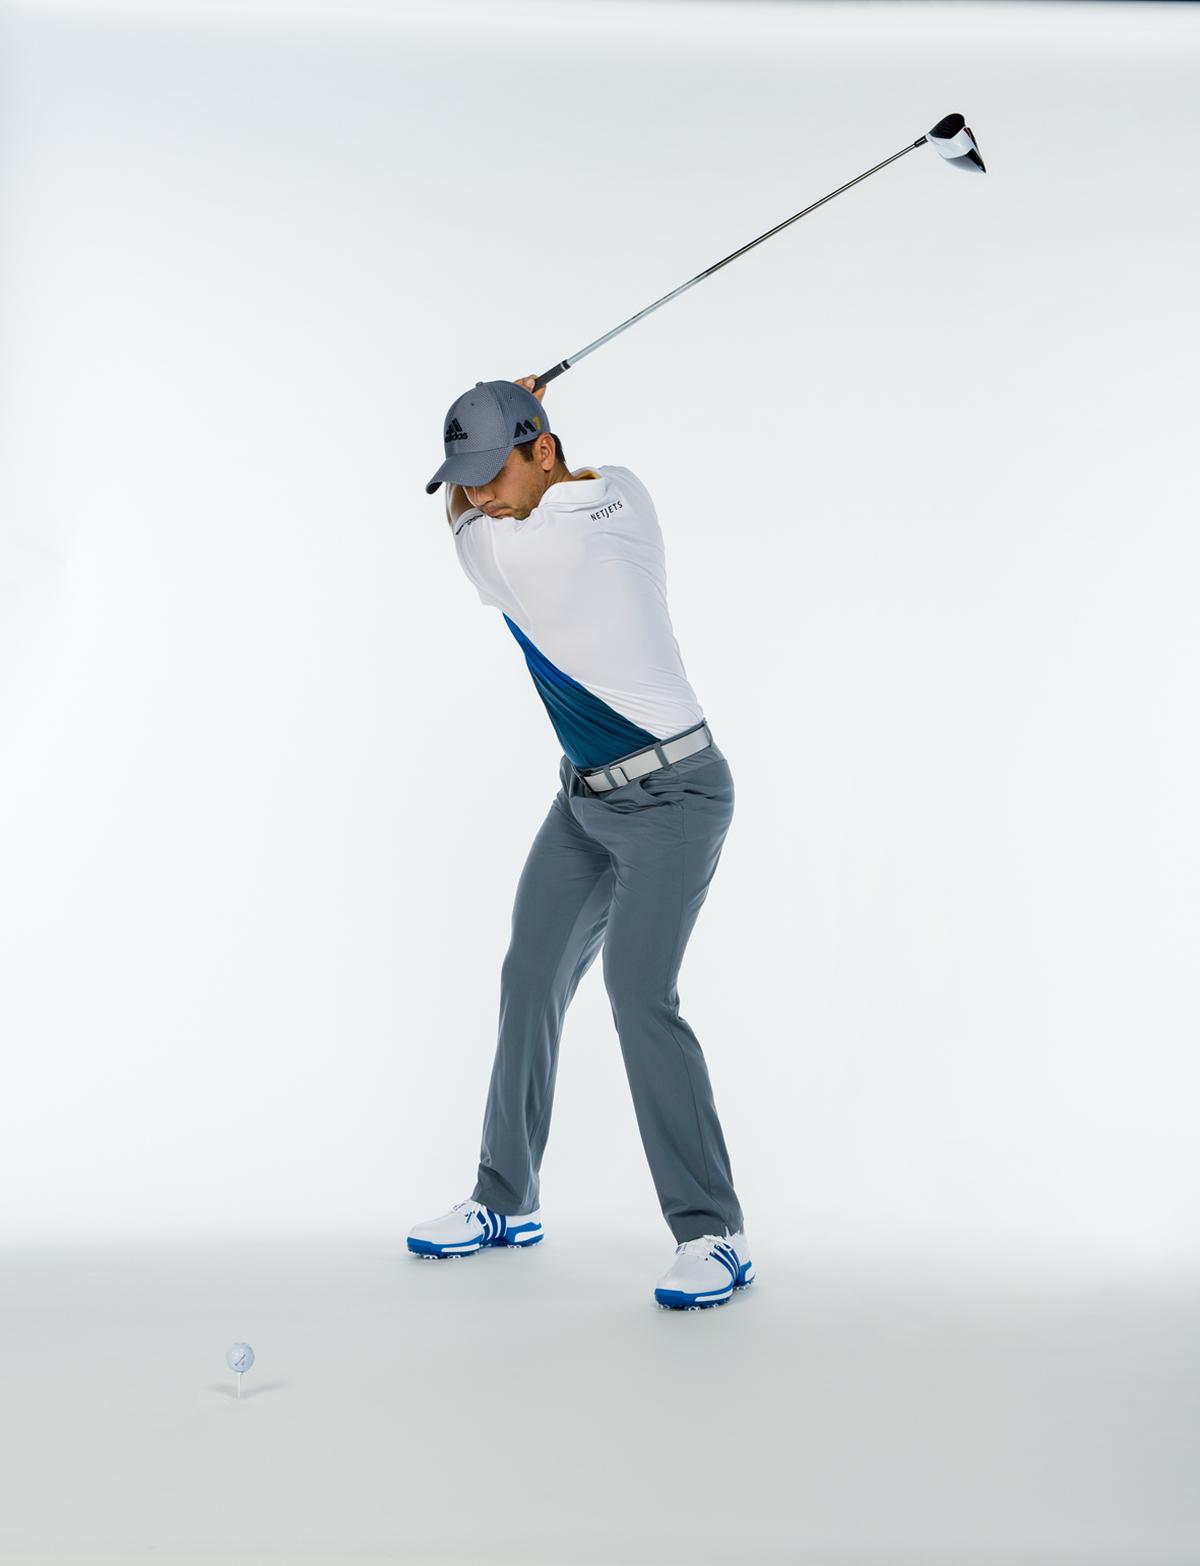 擊球狠、遠、準的秘訣 - 秘訣 - GolfDigest高爾夫文摘